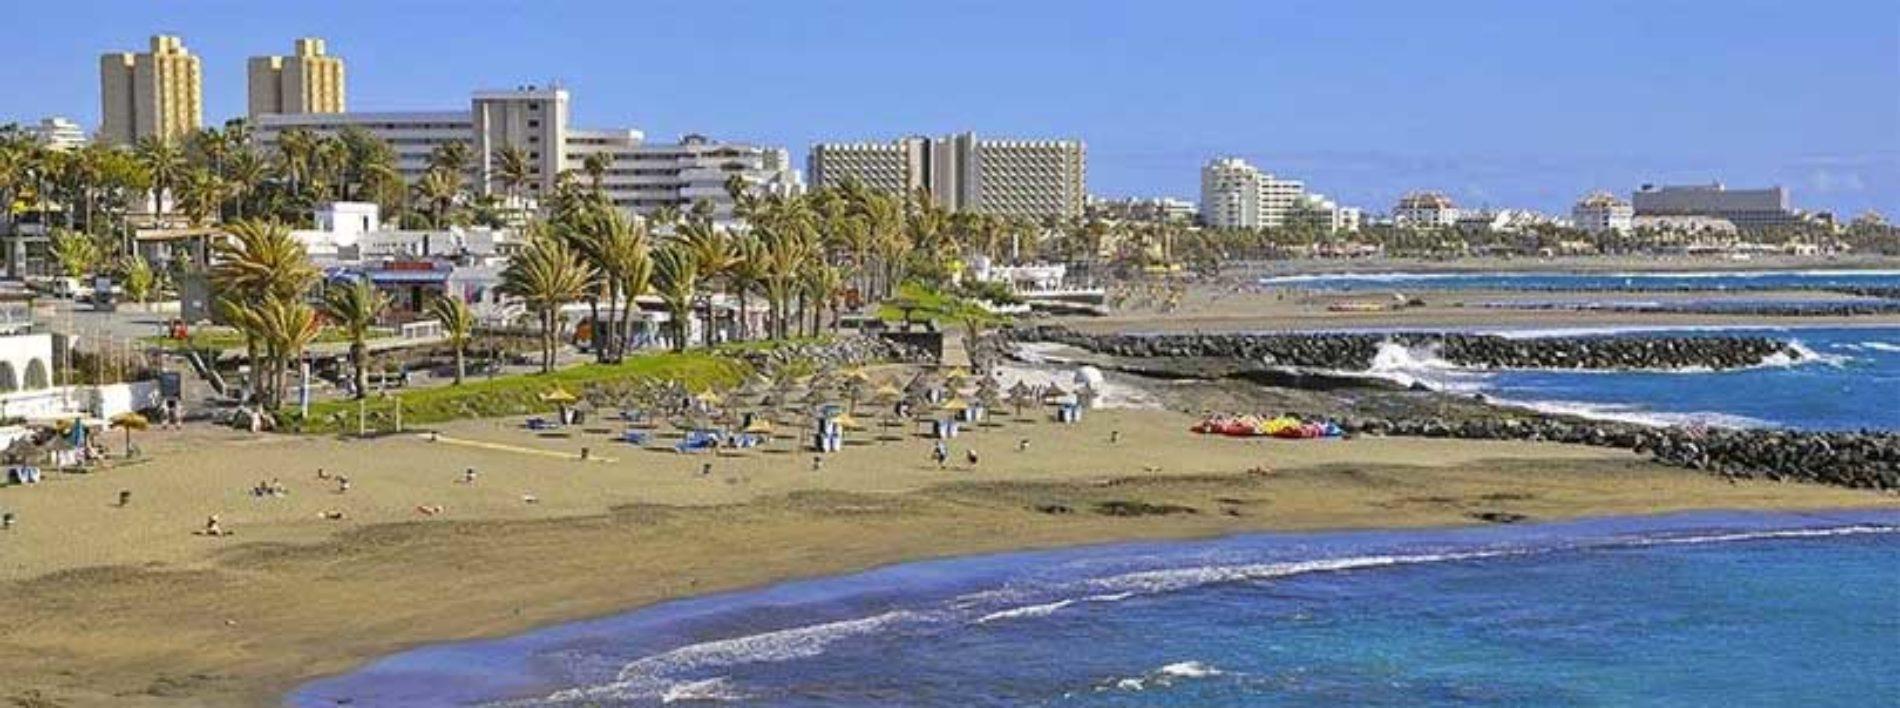 Playa de Las Américas – en av Kanariøyenes beste feriedestinasjoner!